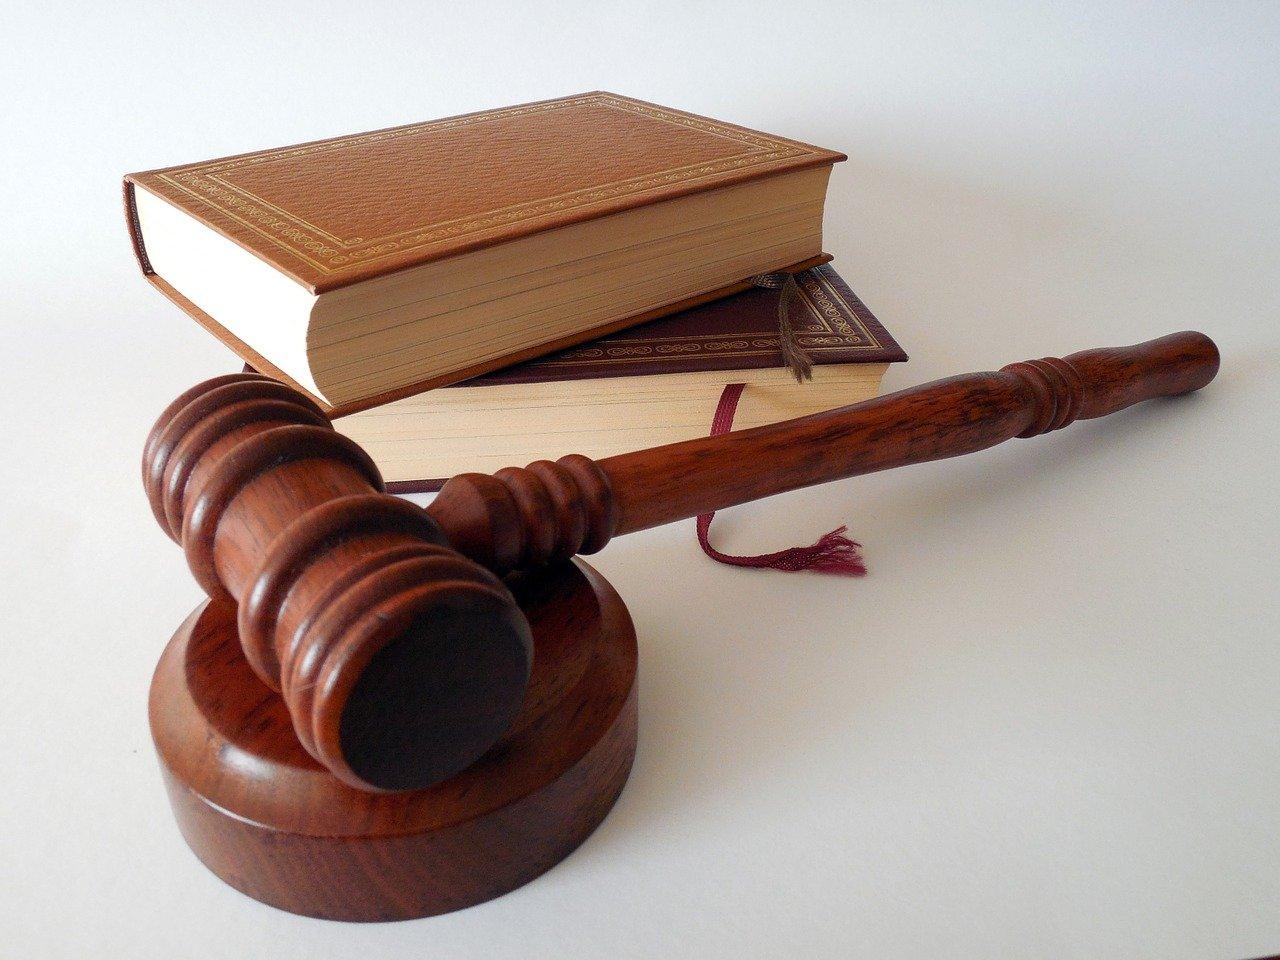 בחירת בית משפט